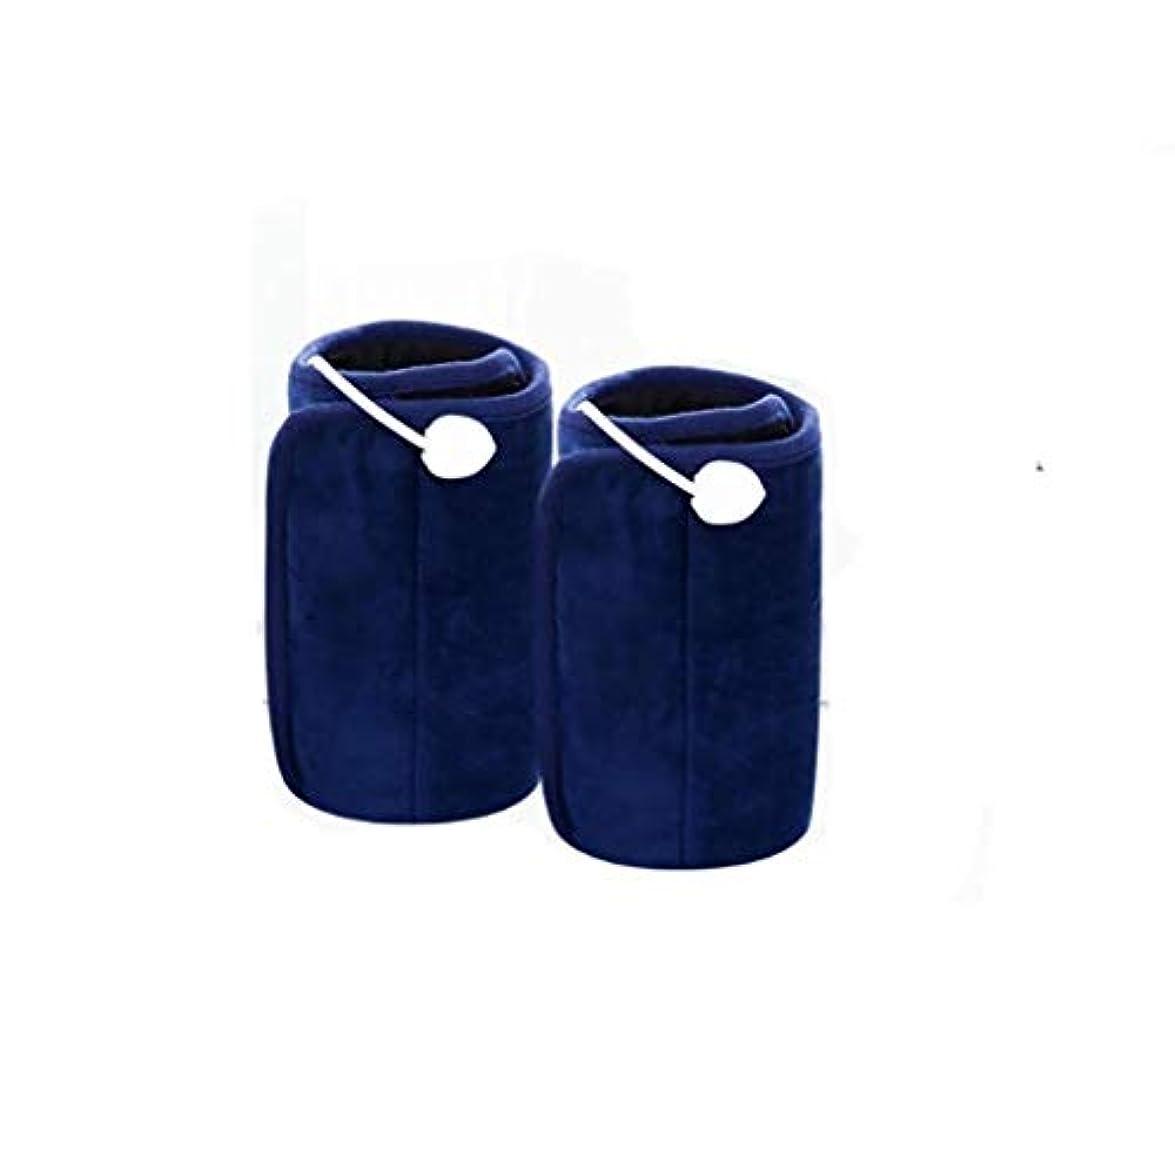 数学的なオート投げ捨てる電気膝パッド、温かい古い膝、携帯式膝加熱、360°oxi温かい家庭用スマート温度調整